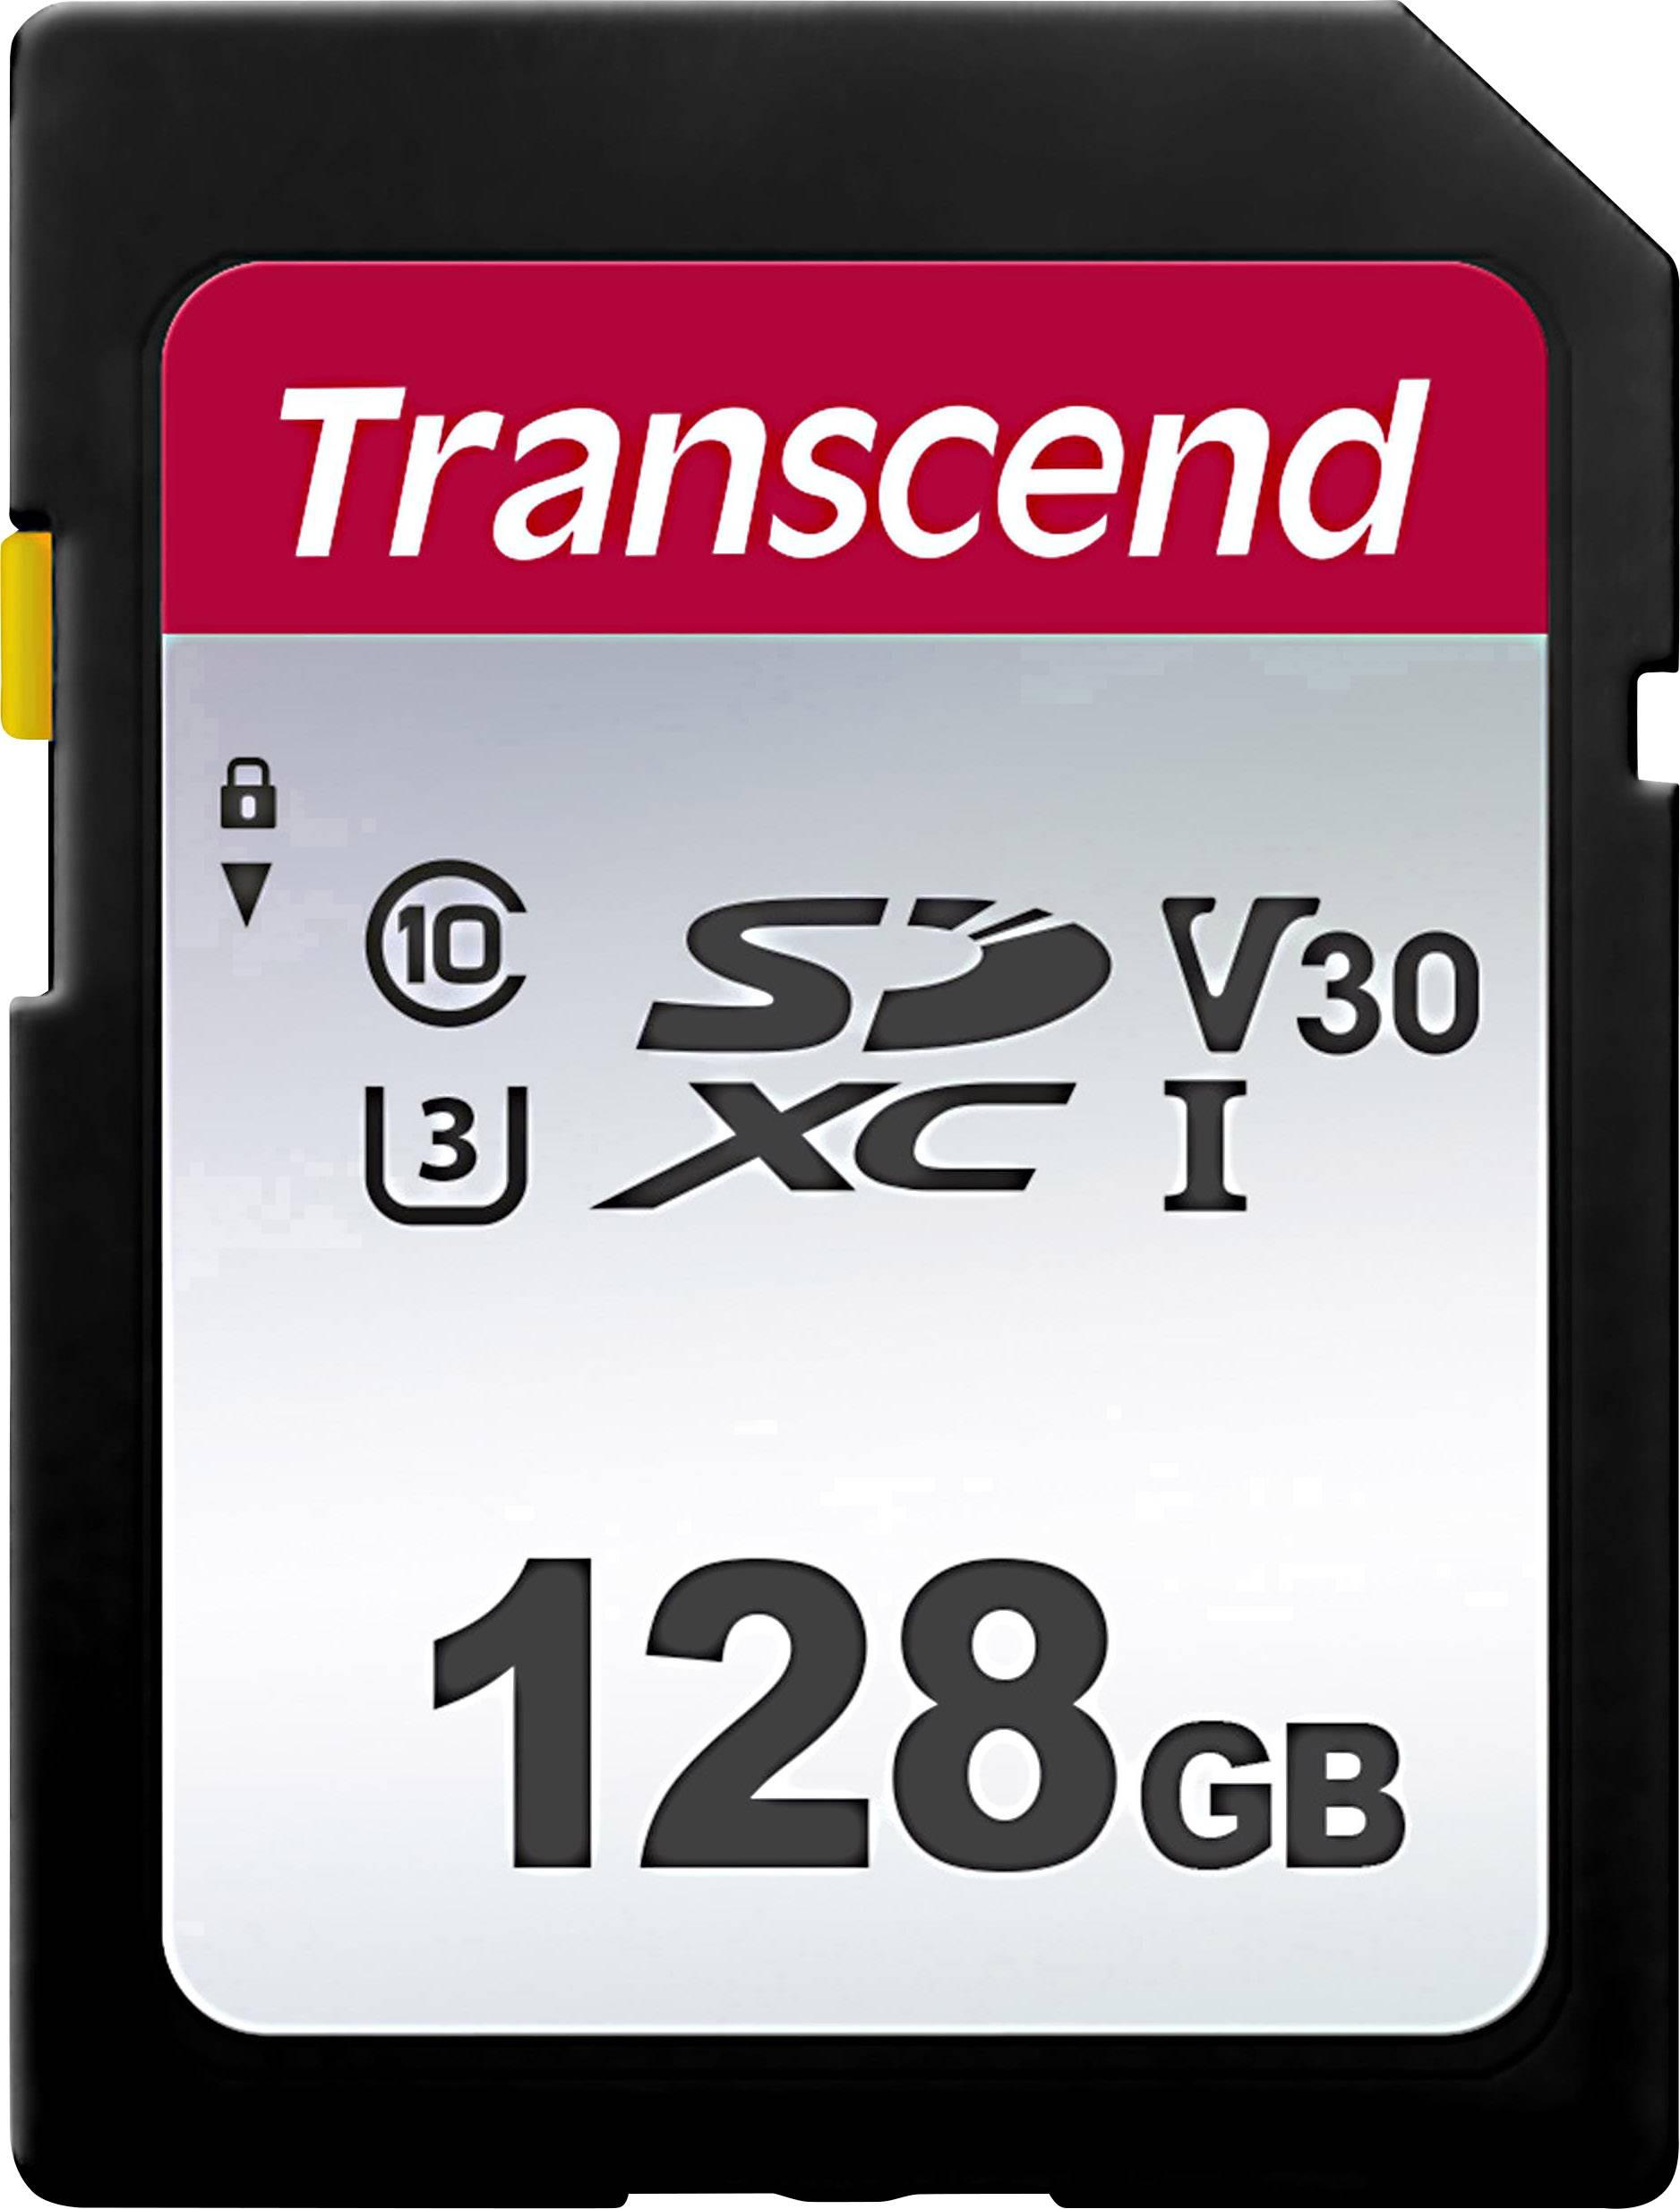 Sd Karten Gnstig Online Kaufen Bei Conrad V Gen Sdhc Card 4gb Transcend Premium 300s Sdxc Karte 128 Gb Class 10 Uhs I